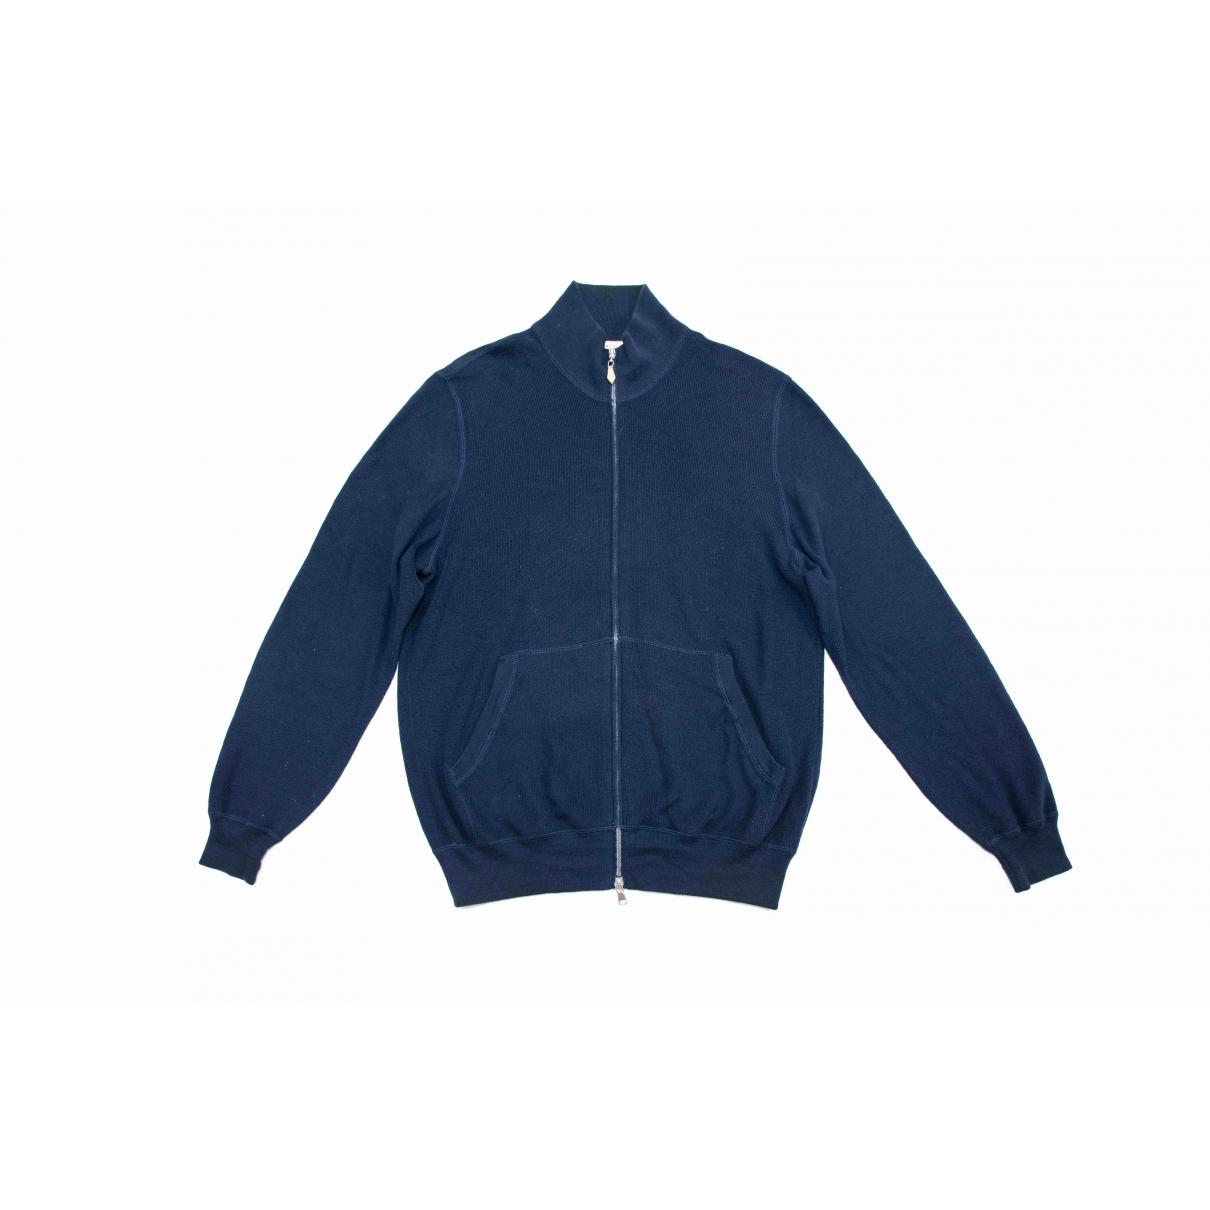 Brunello Cucinelli - Pulls.Gilets.Sweats   pour homme en coton - bleu